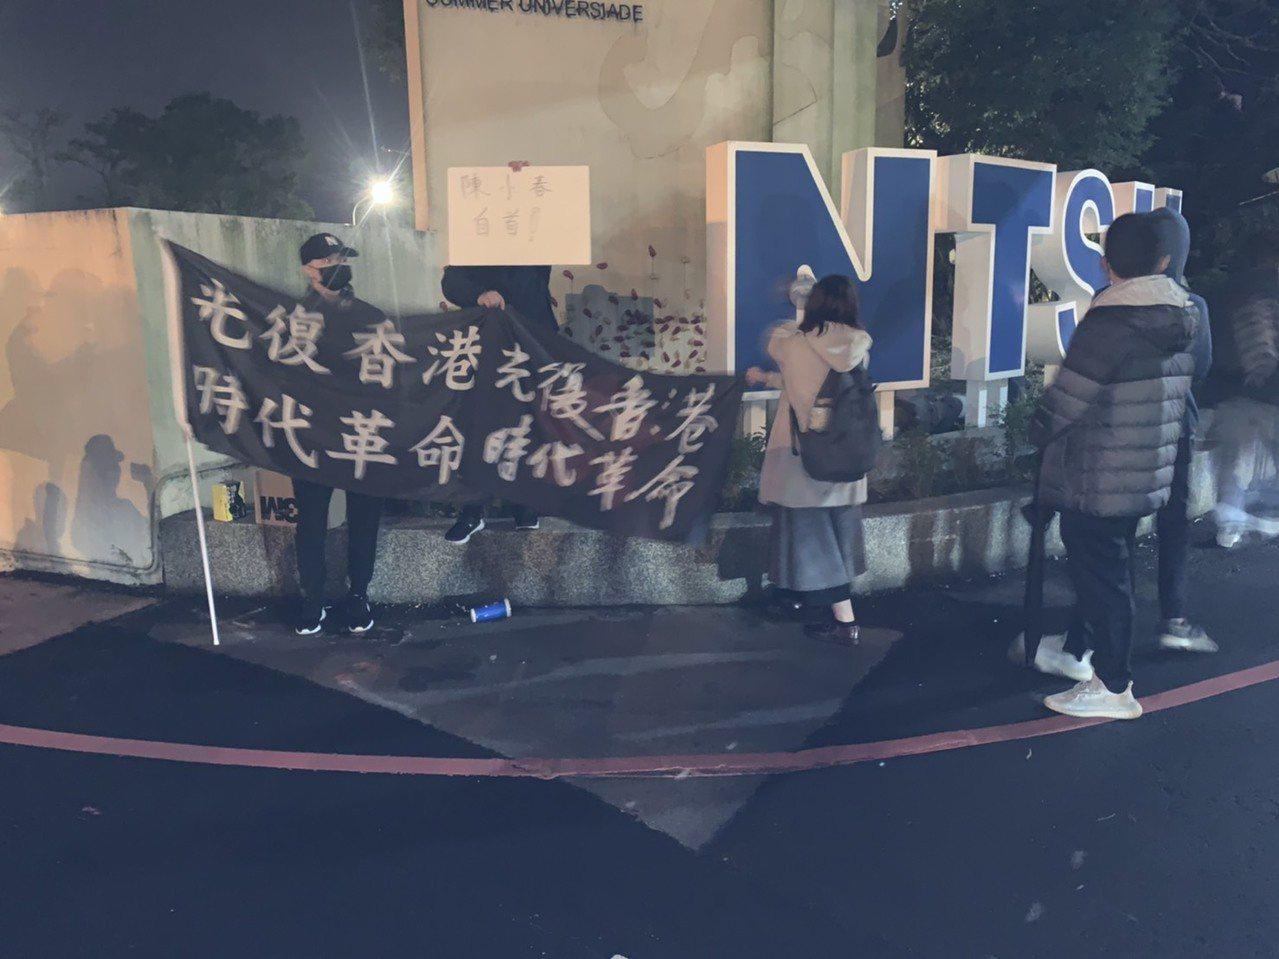 学生集中在校门口举著「光复香港 时代革命」布条,高呼口号表达抗议诉求,所幸未酿正...